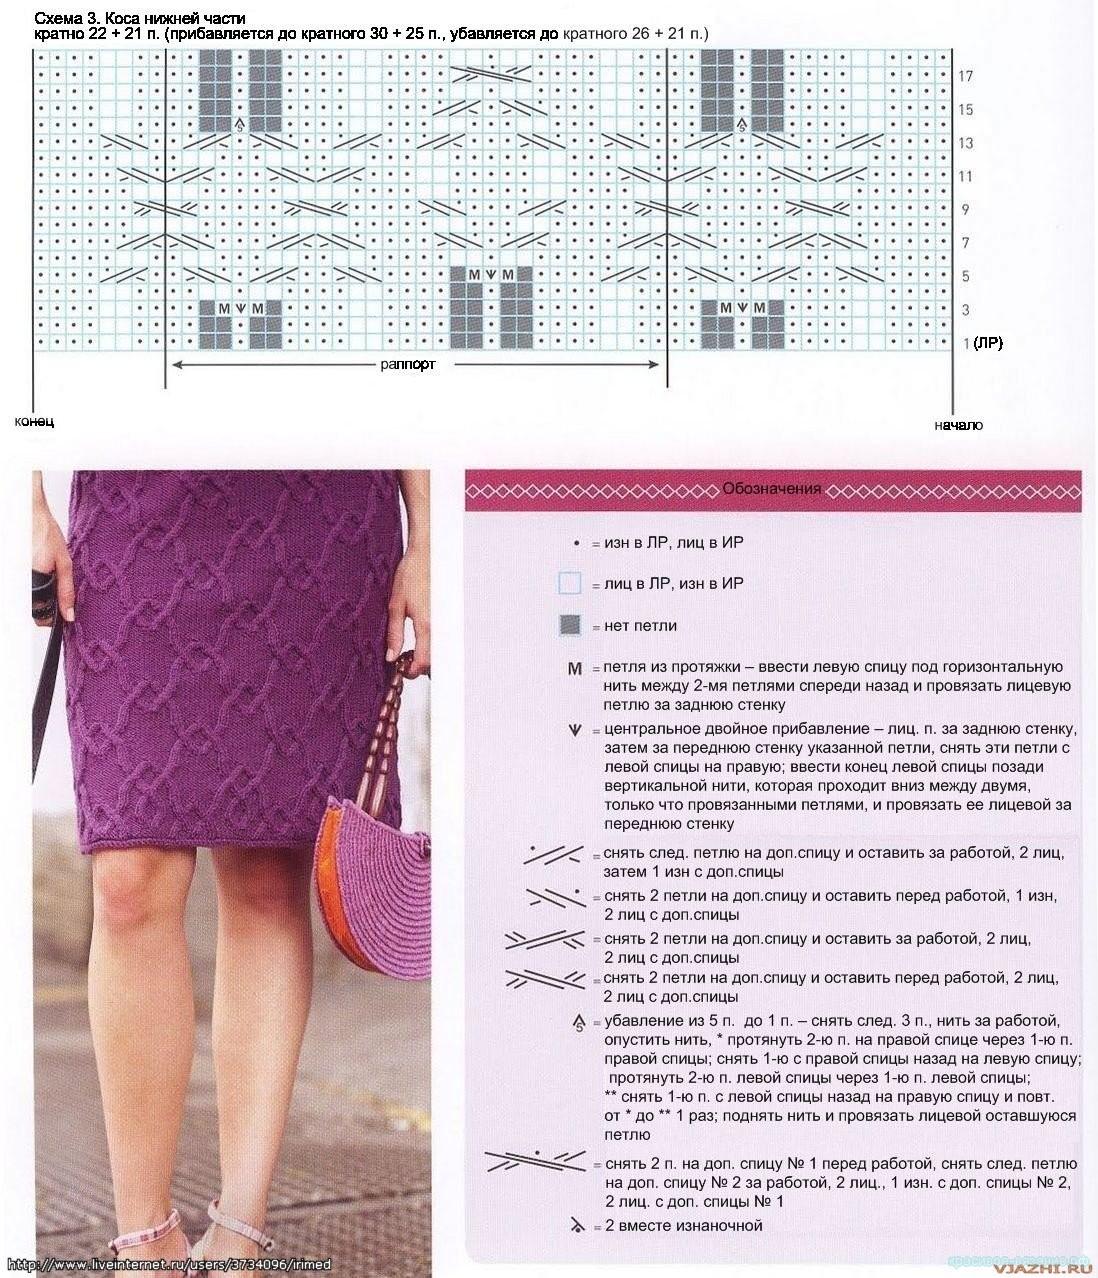 Вязанные юбки со схемами и описанием спицами